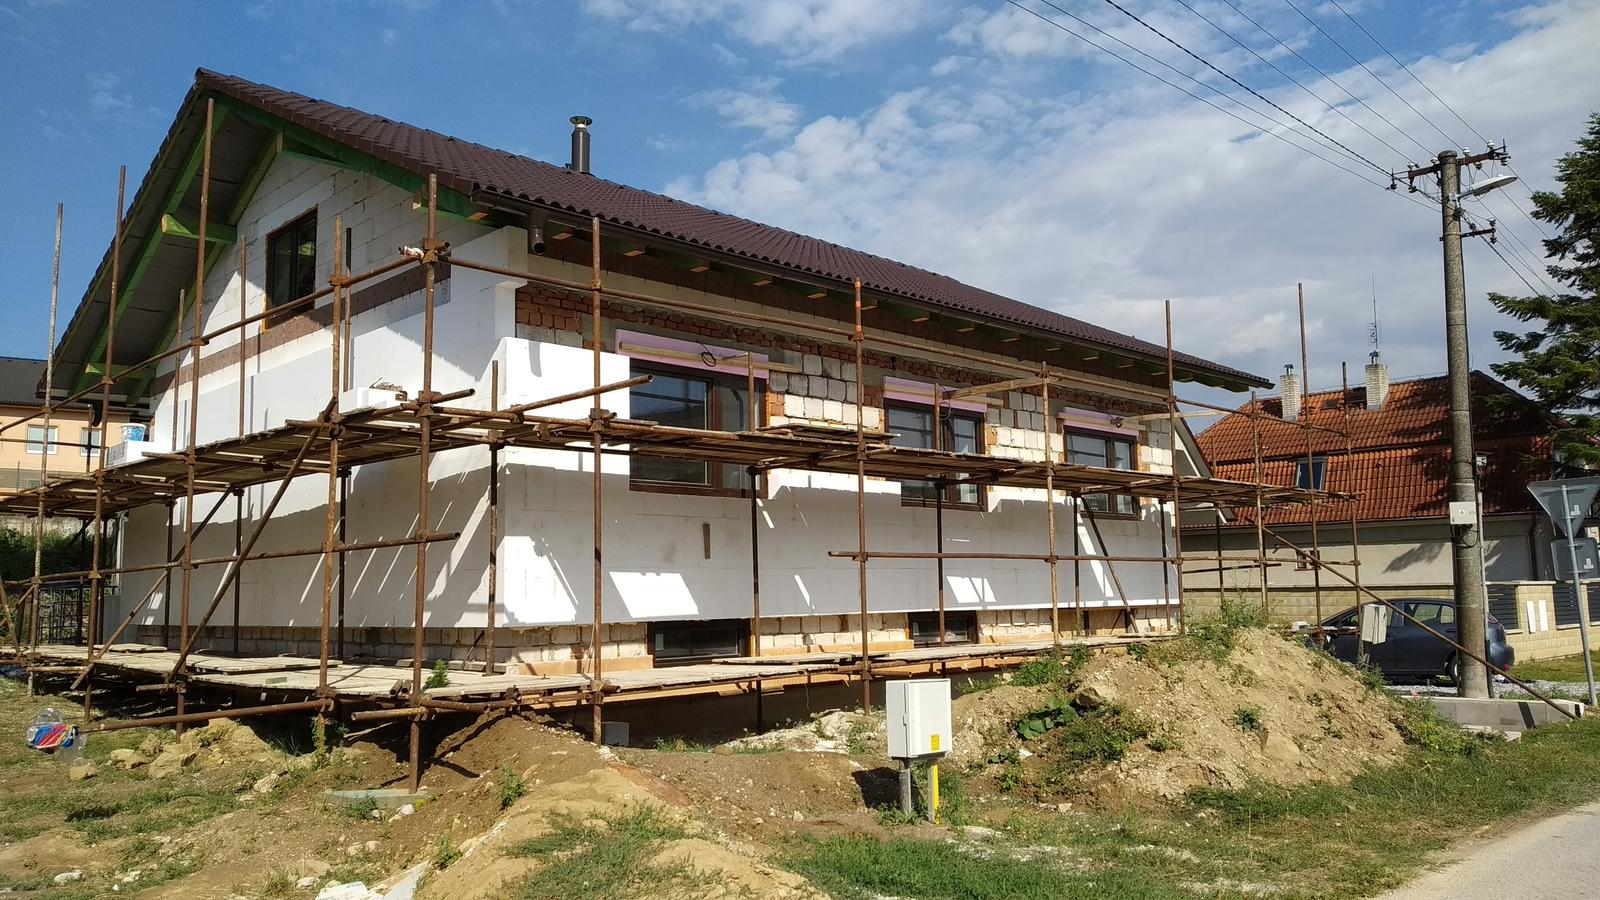 Rekonštrukcia veľmi starej stavby :) - po roku od začiatku - búrania strechy, vnútro hotové, začíname zakrývať poslednú spomienku na šialenstvo hrubej stavby...